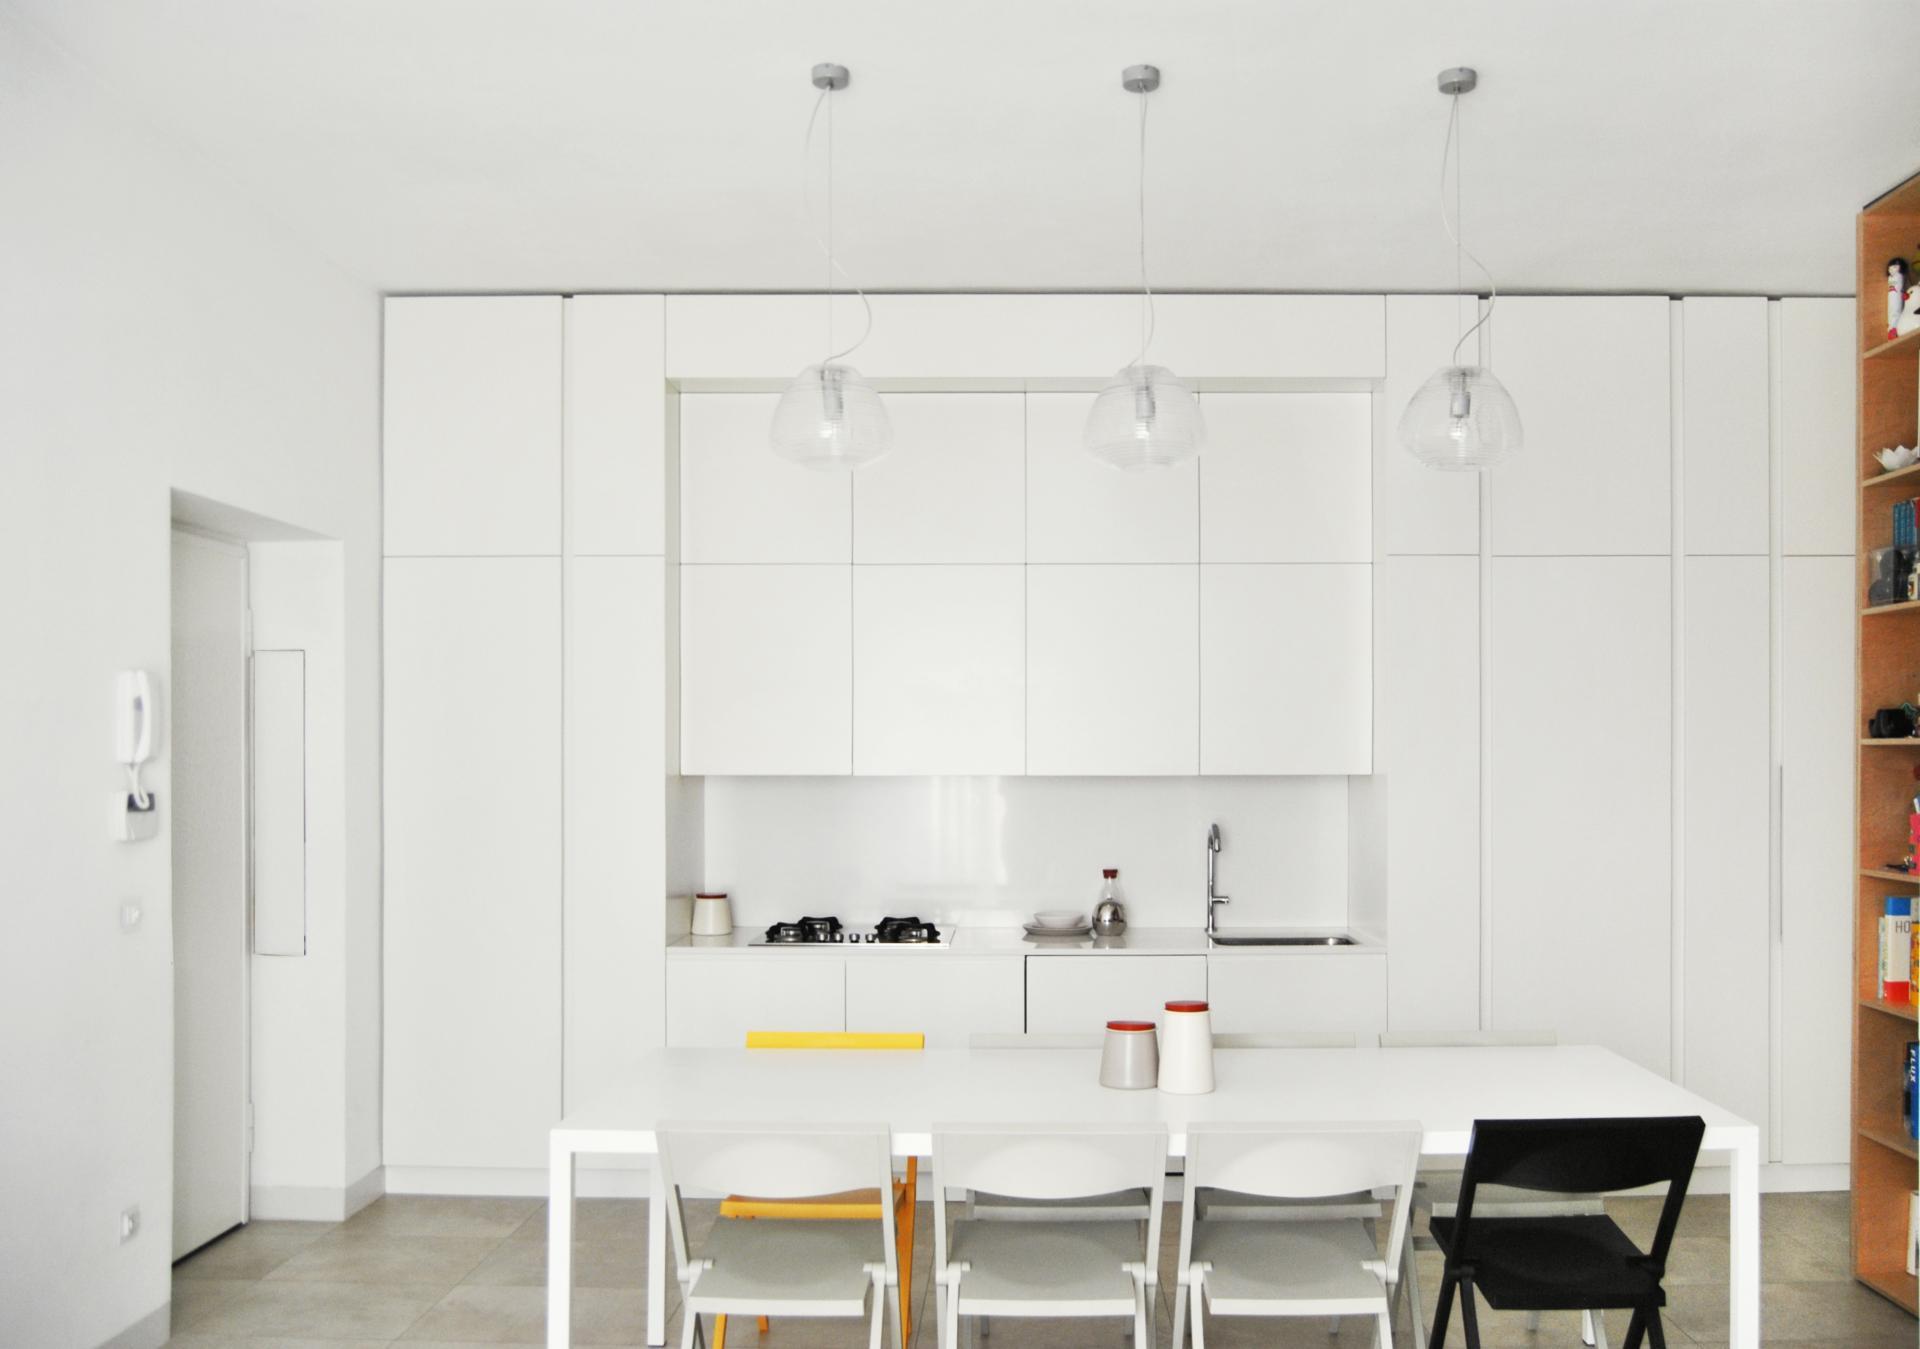 Appartamento in vendita a Milano, 3 locali, zona Località: XXIIMarzo., prezzo € 475.000 | Cambio Casa.it